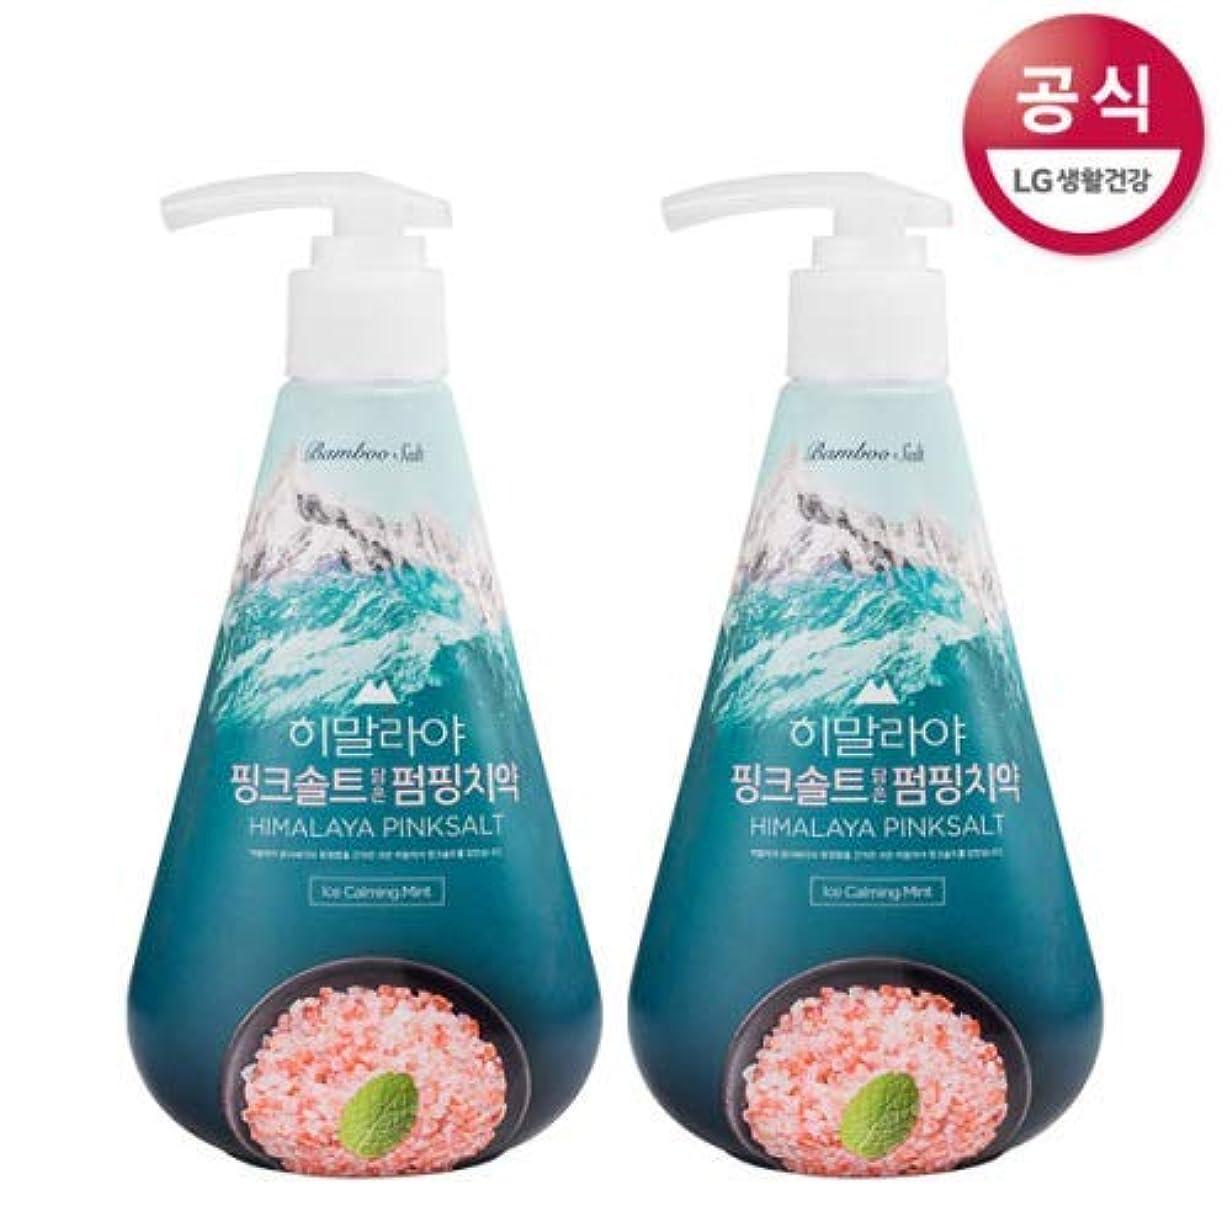 素晴らしき排除緯度[LG Care/LG生活健康]ヒマラヤピンクソルトポンピング歯磨き粉アイスカミングミント285gx2個/歯磨きセットスペシャル?リミテッドToothpaste Set Special Limited Korea(海外直送品)